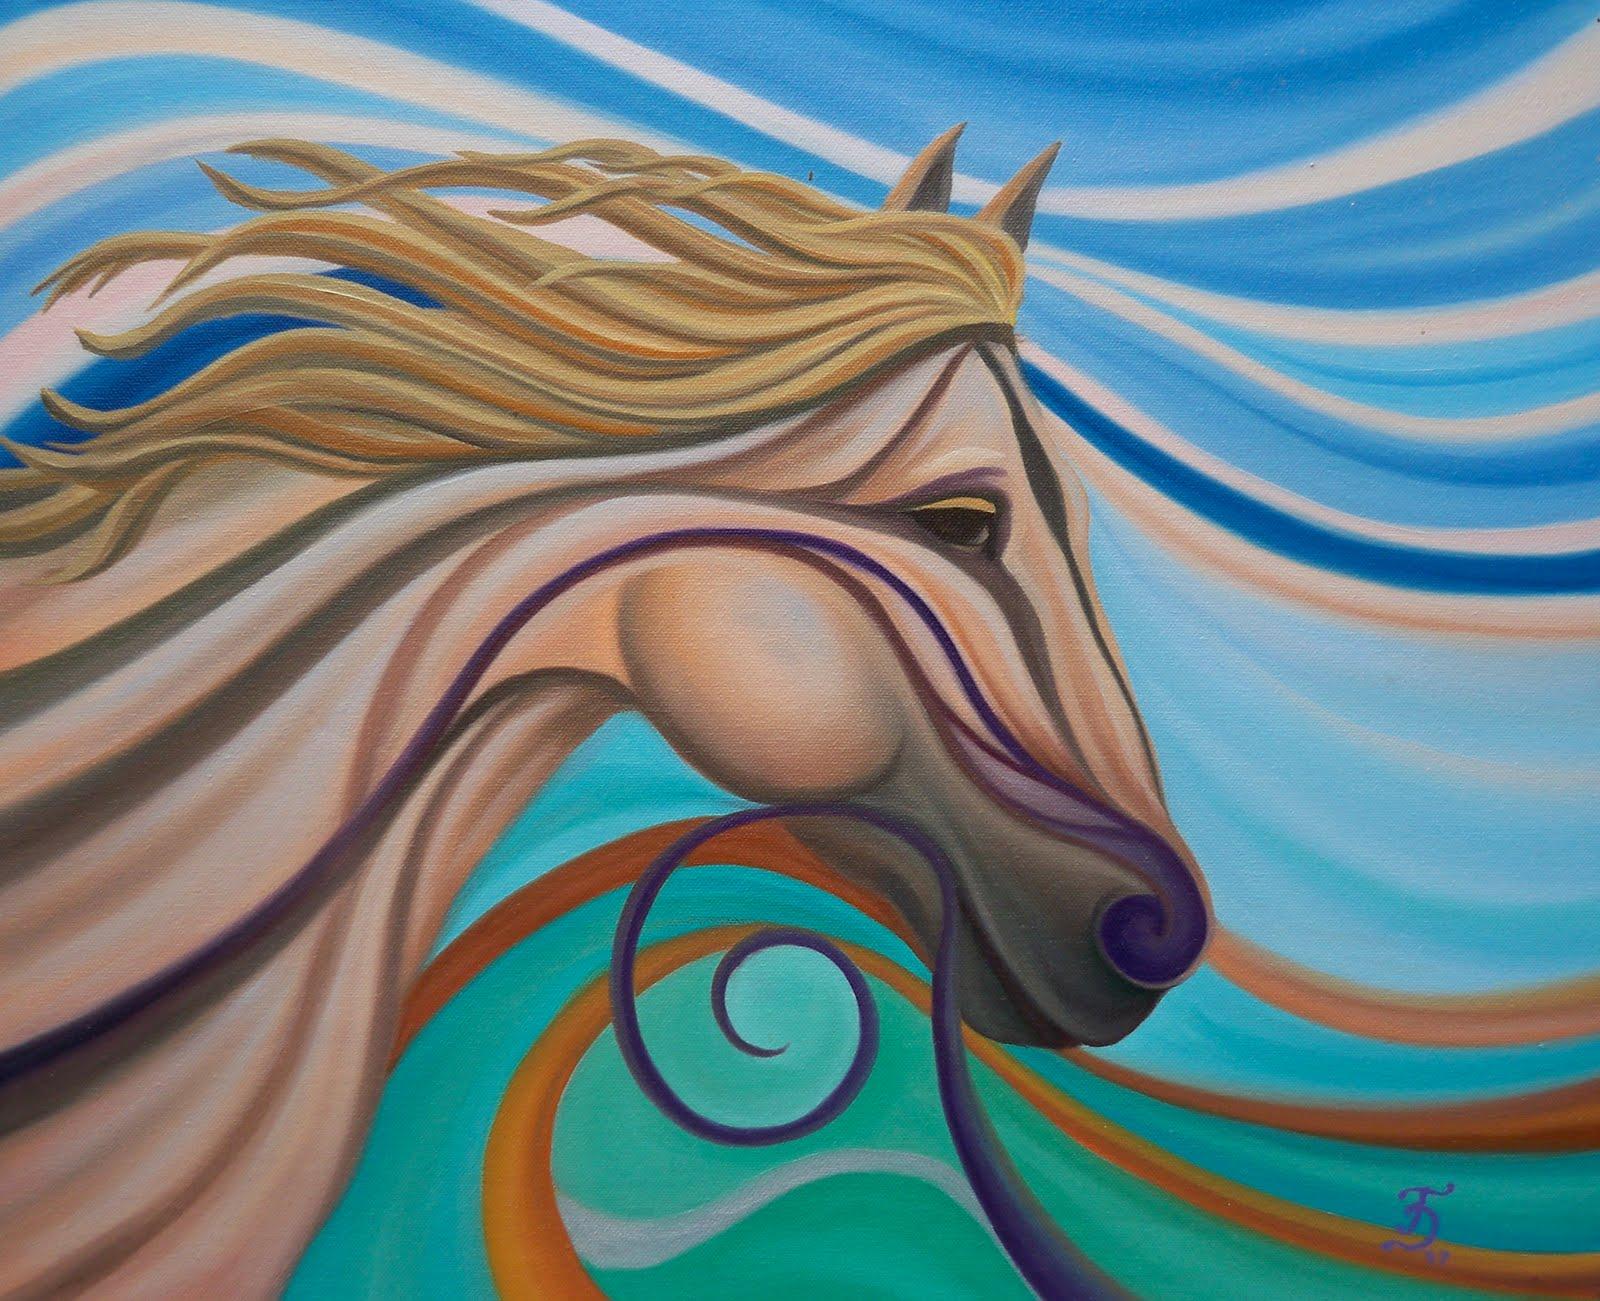 Fabiola d az arte significado de las pinturas - Nombres de colores de pinturas ...